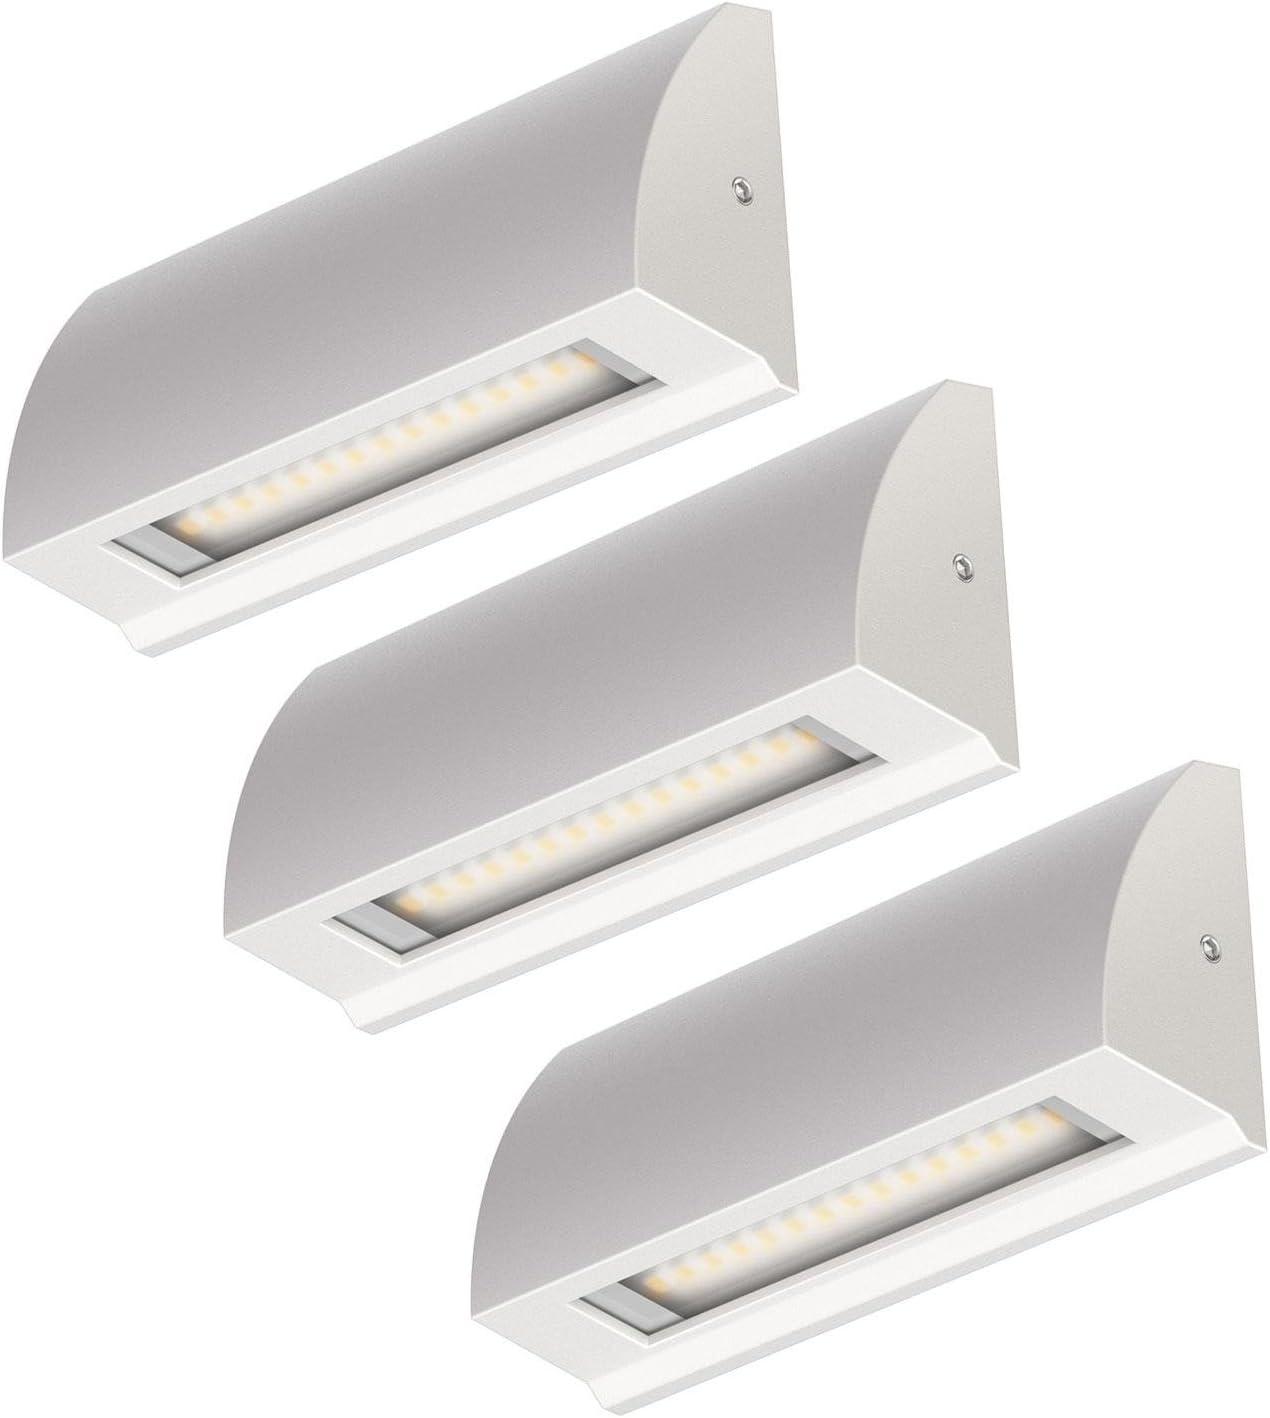 ledscom.de LED lámpara de Pared Segin lámpara de Escalera para Interior y Exterior, Plano, Aufbau, Blanca fría, 190lm, 3 UDS: Amazon.es: Electrónica